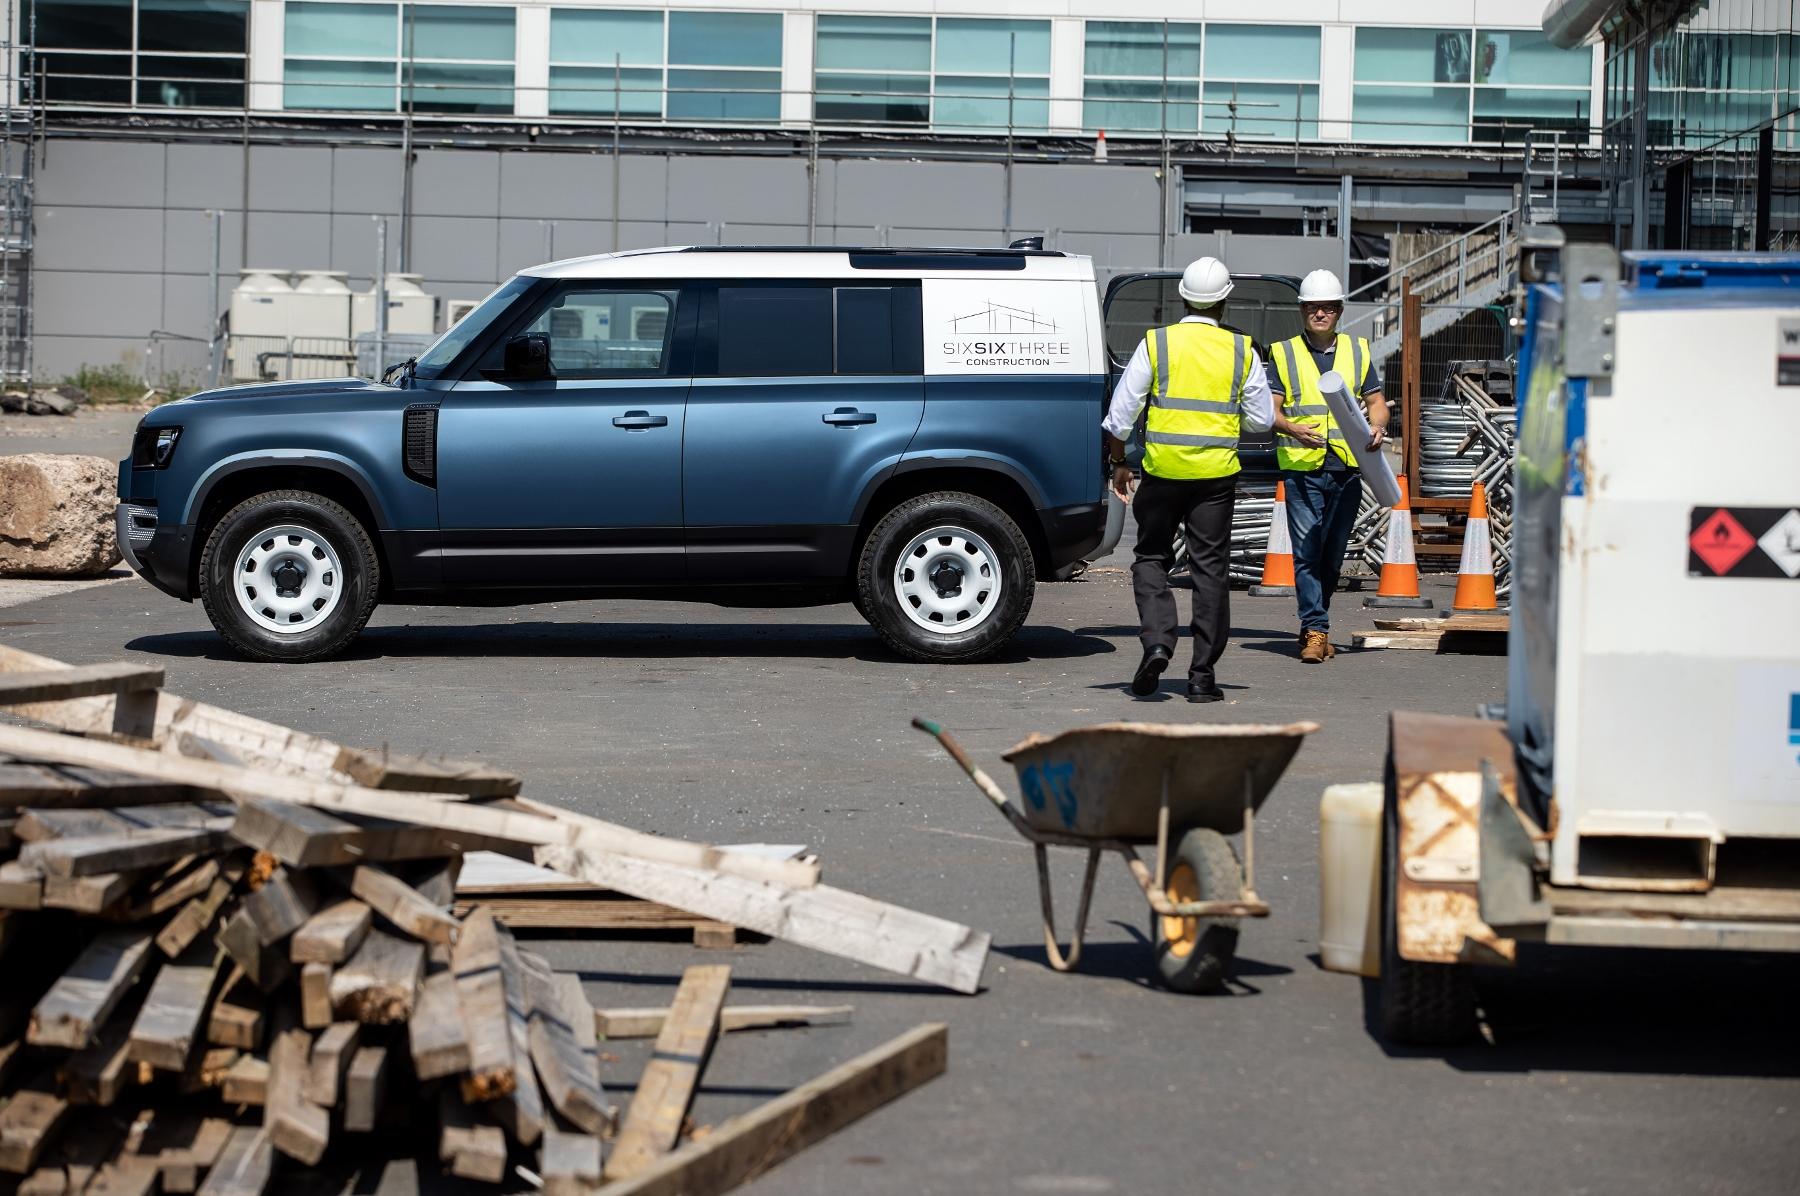 Nový Land Rover Defender prichádza v úžitkovej verzii Hard Top sFSELbigce 11lrdefhardtop30062002-180